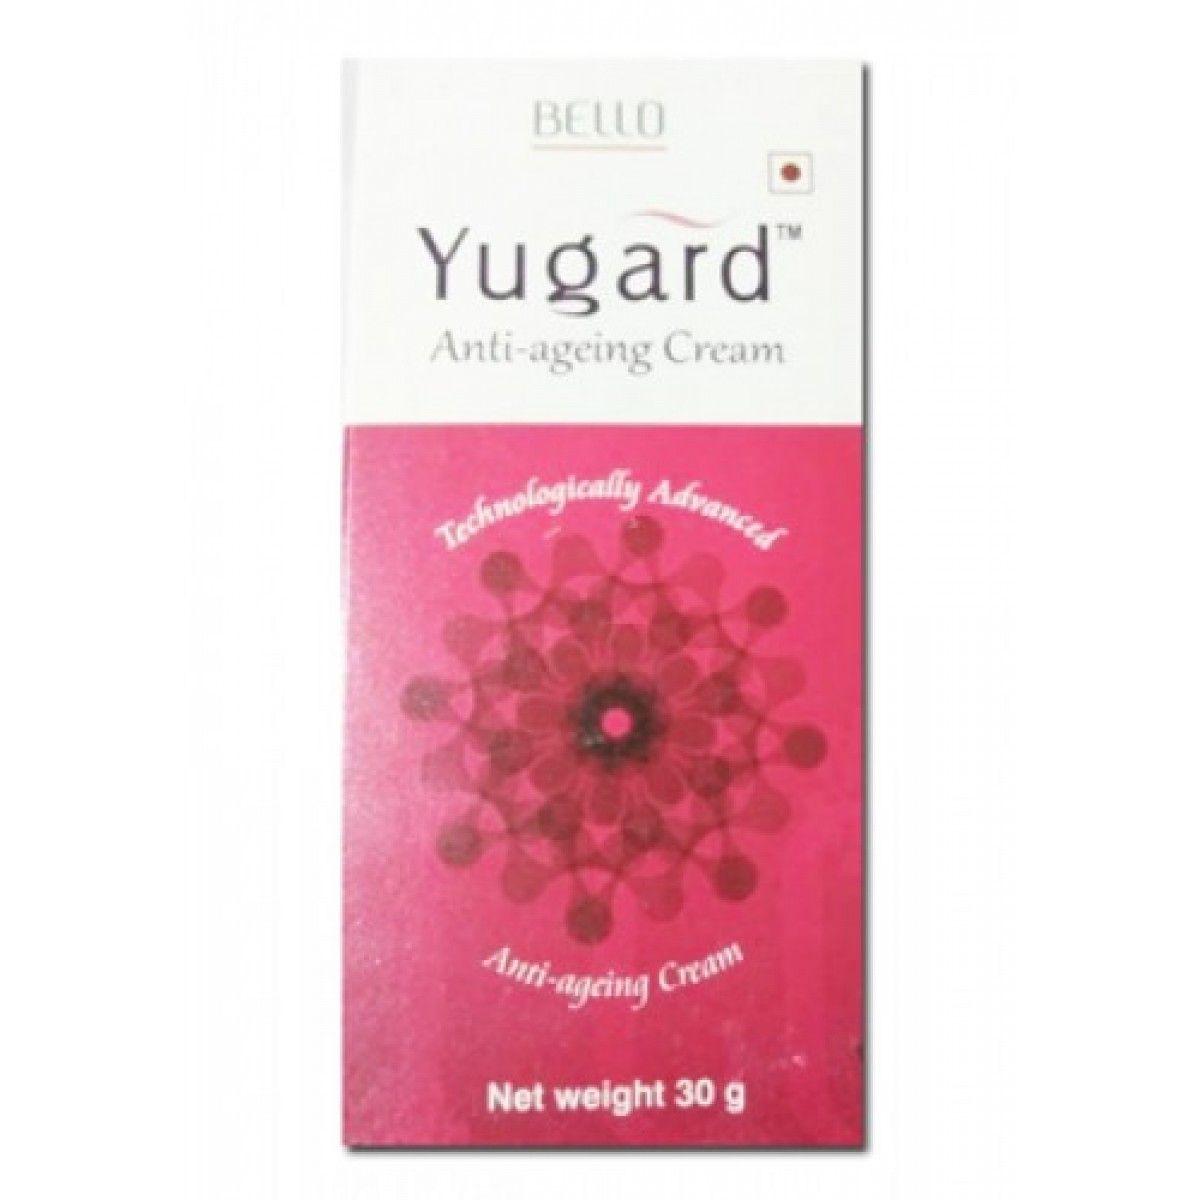 Jetson reccomend Yugard facial cream